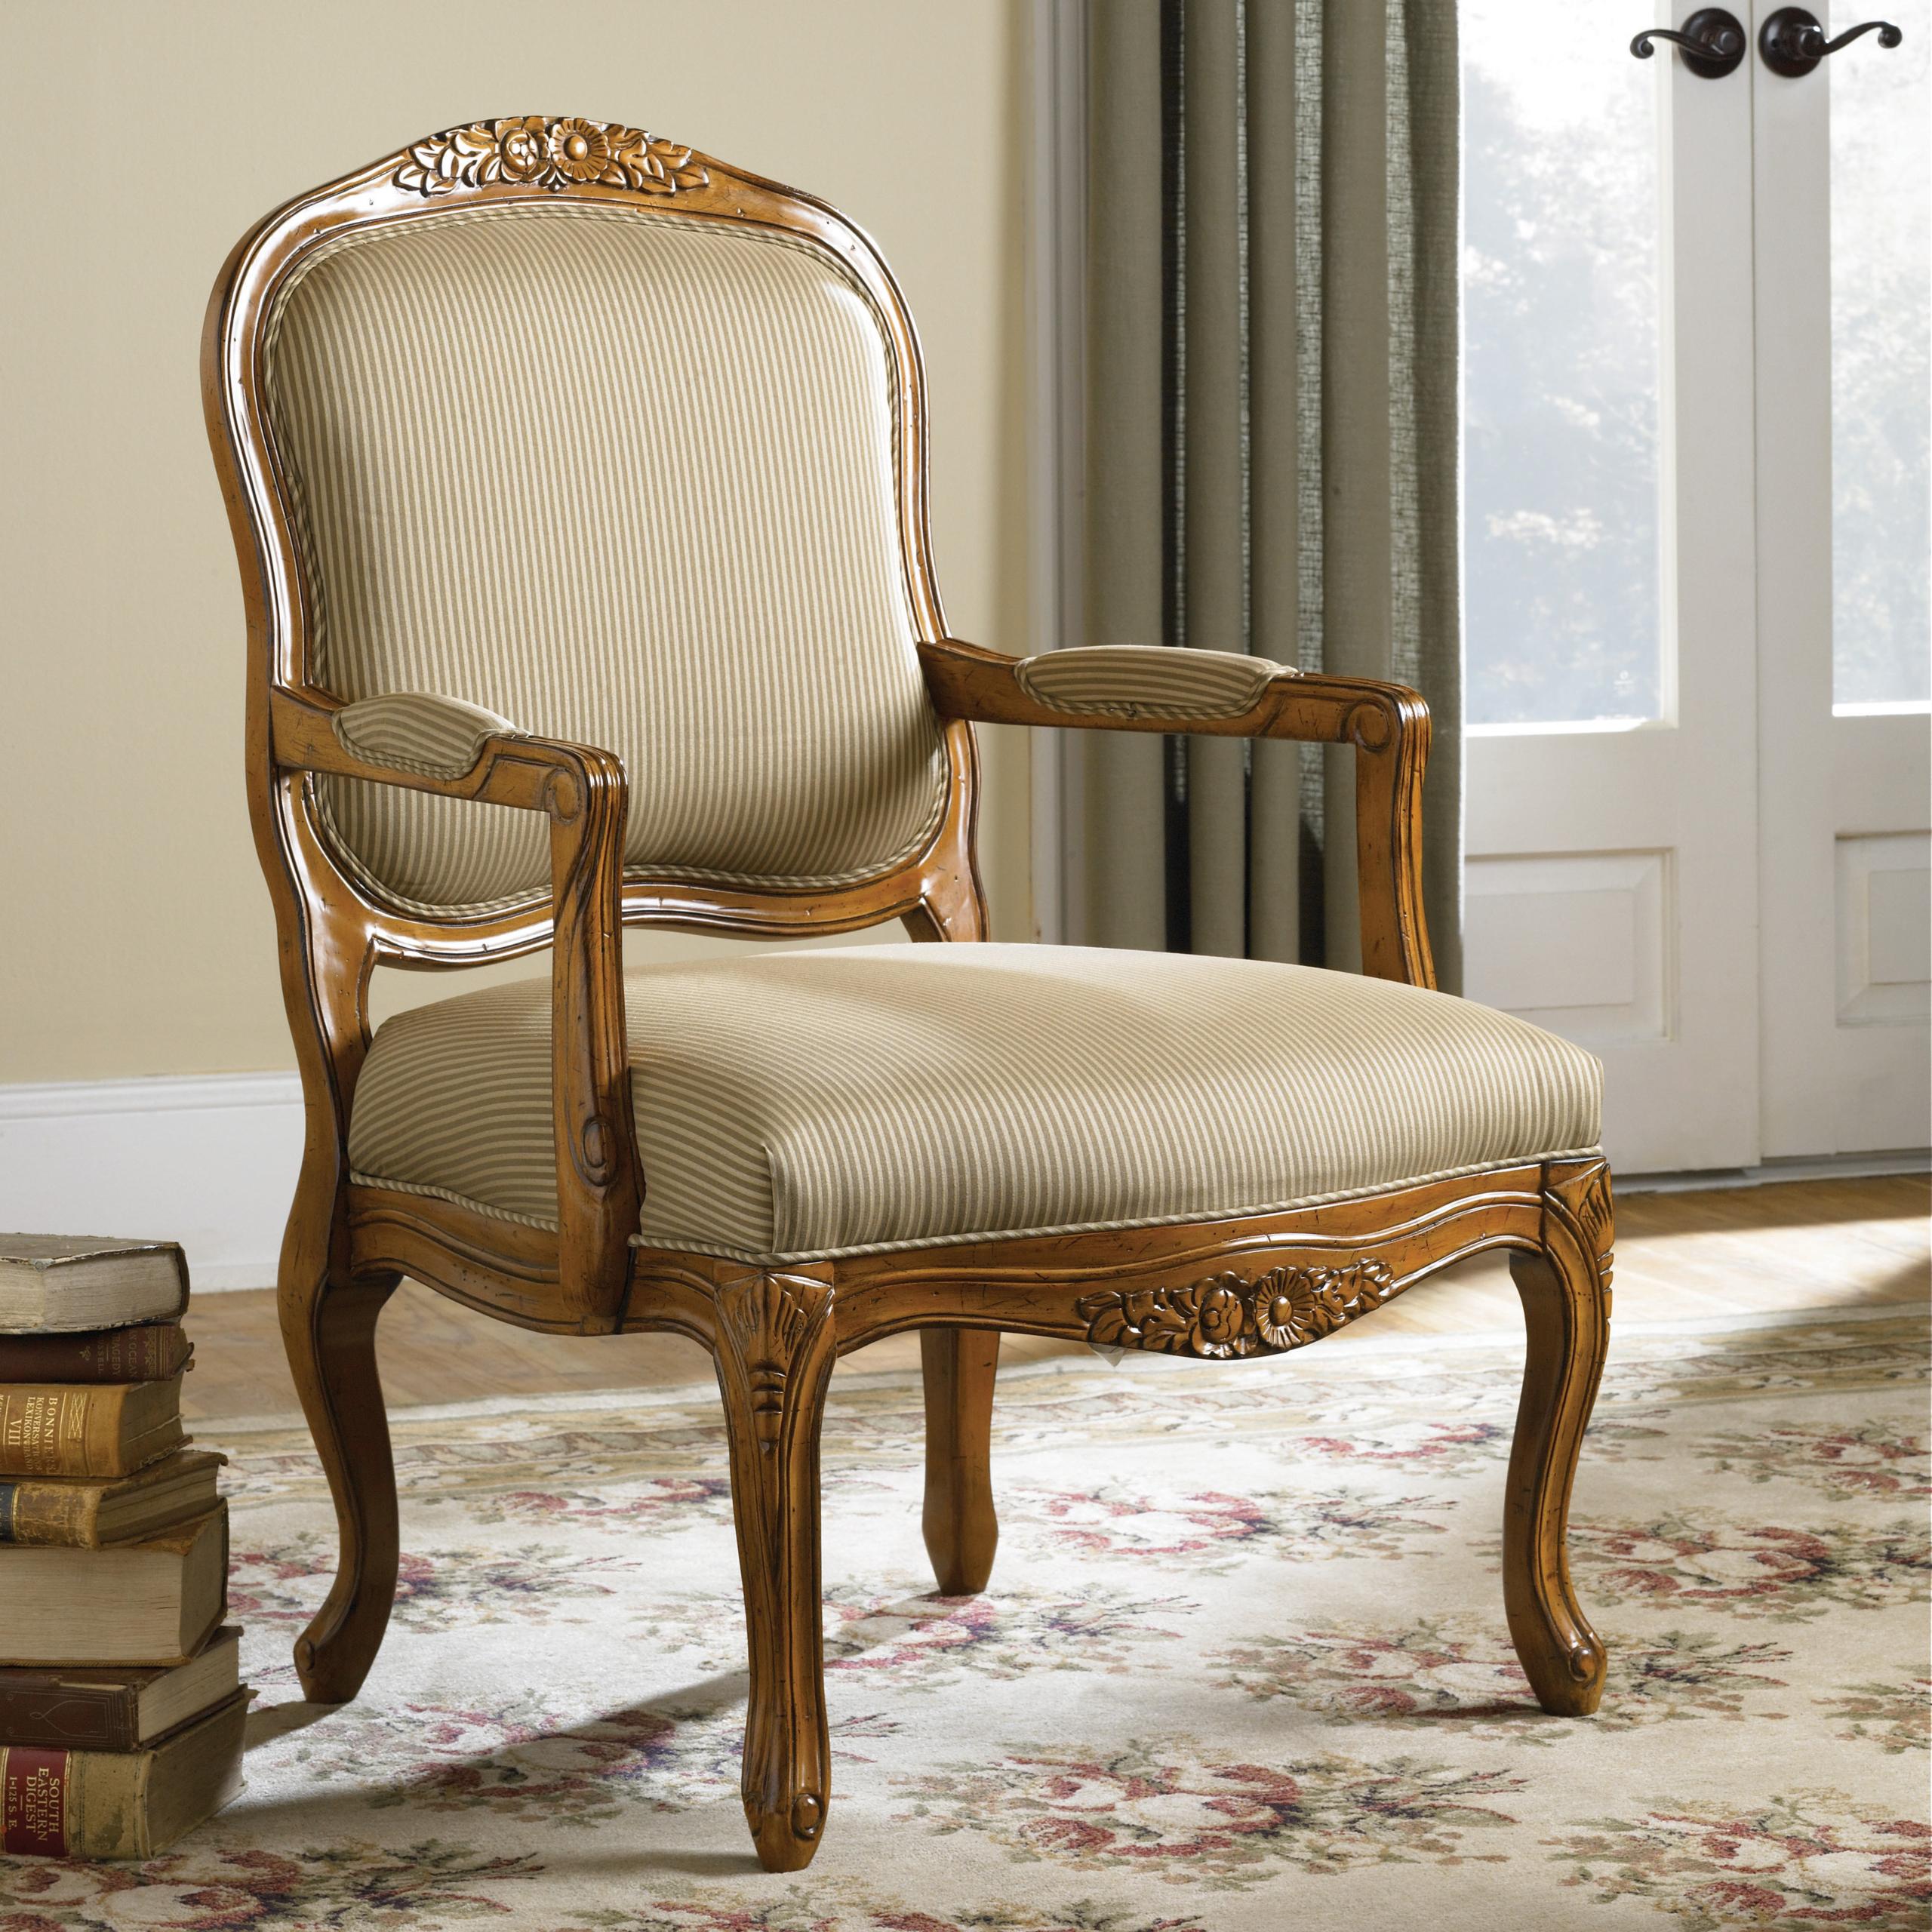 Beau Hammary Hidden Treasures Fabric Accent Chair